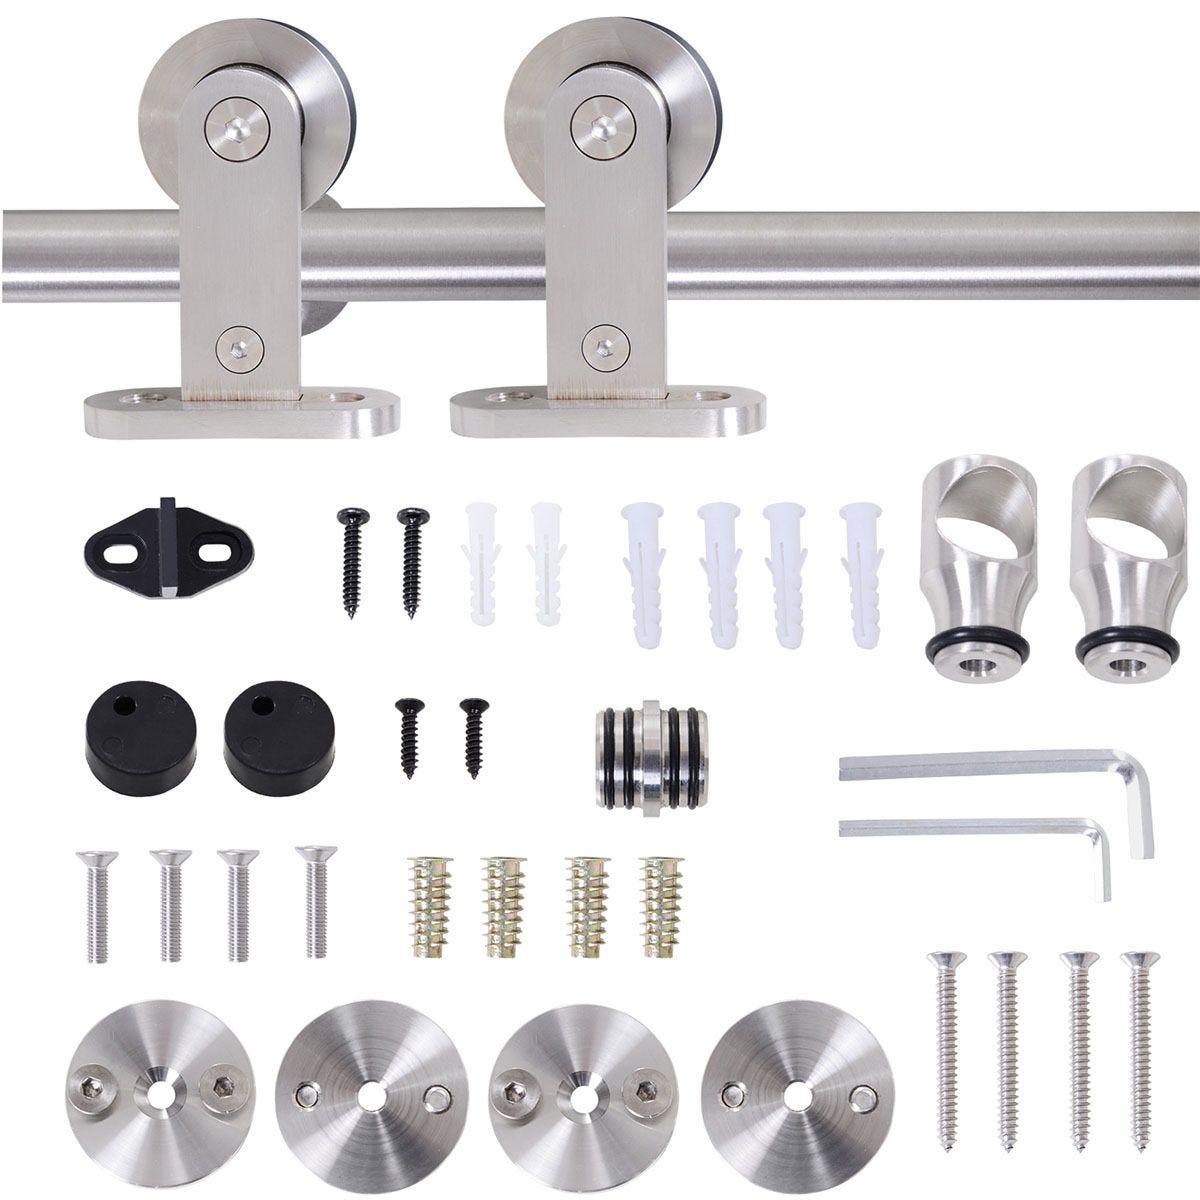 HOMCOM 35-45mm Track Stainless Steel Sliding Door Kit - Silver